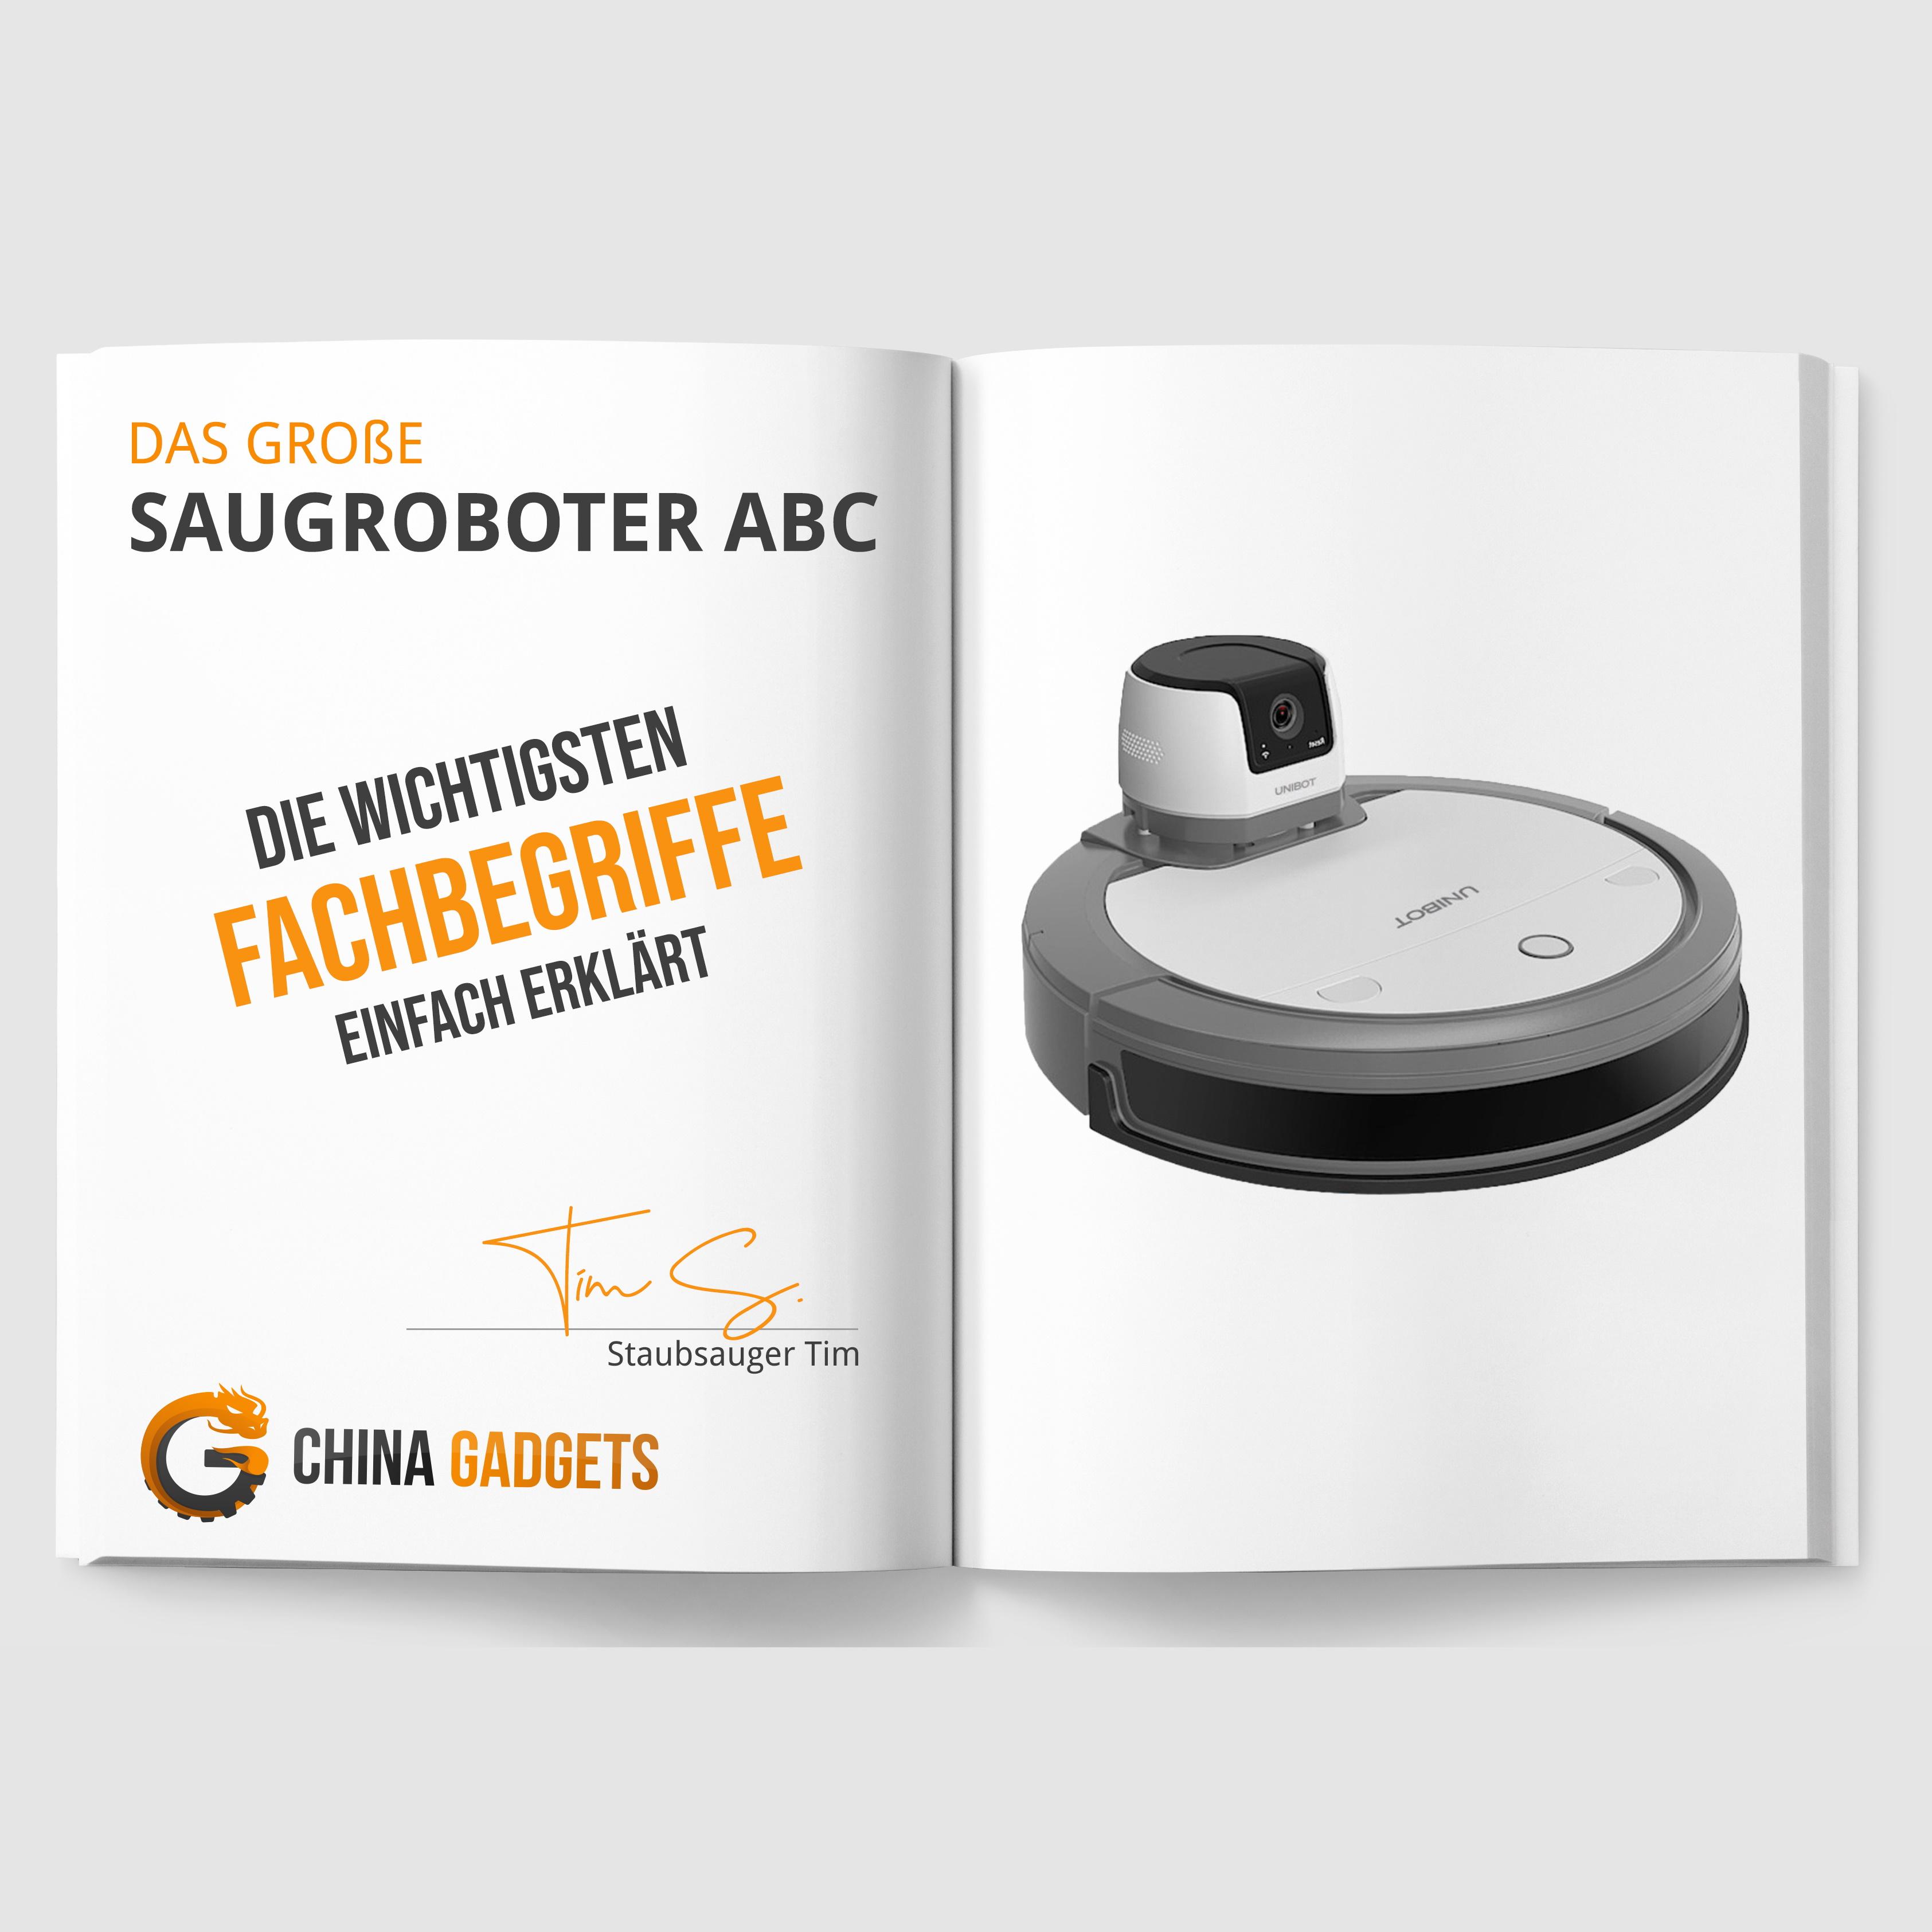 Das große Lexikon für Saugroboter-Fachbegriffe